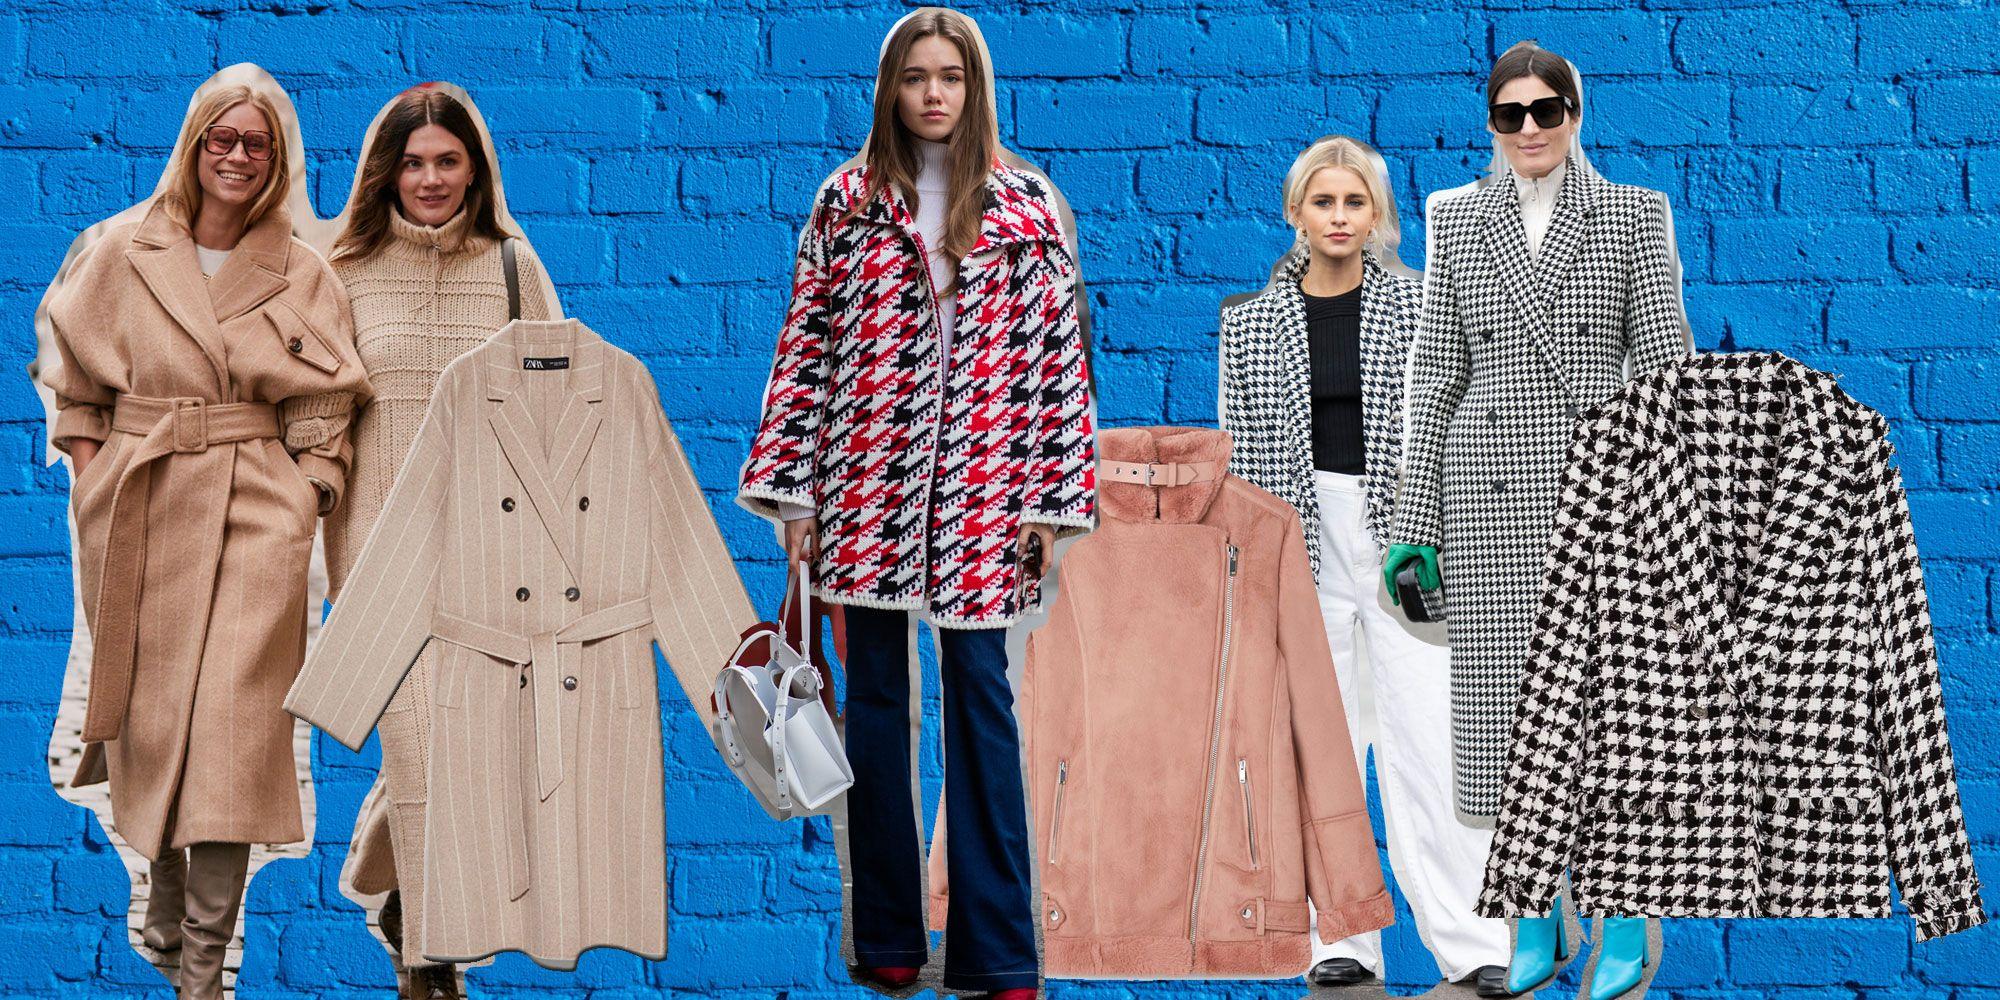 Las 34 mejores imágenes de abrigo en 2018 | Ropa, Costura y